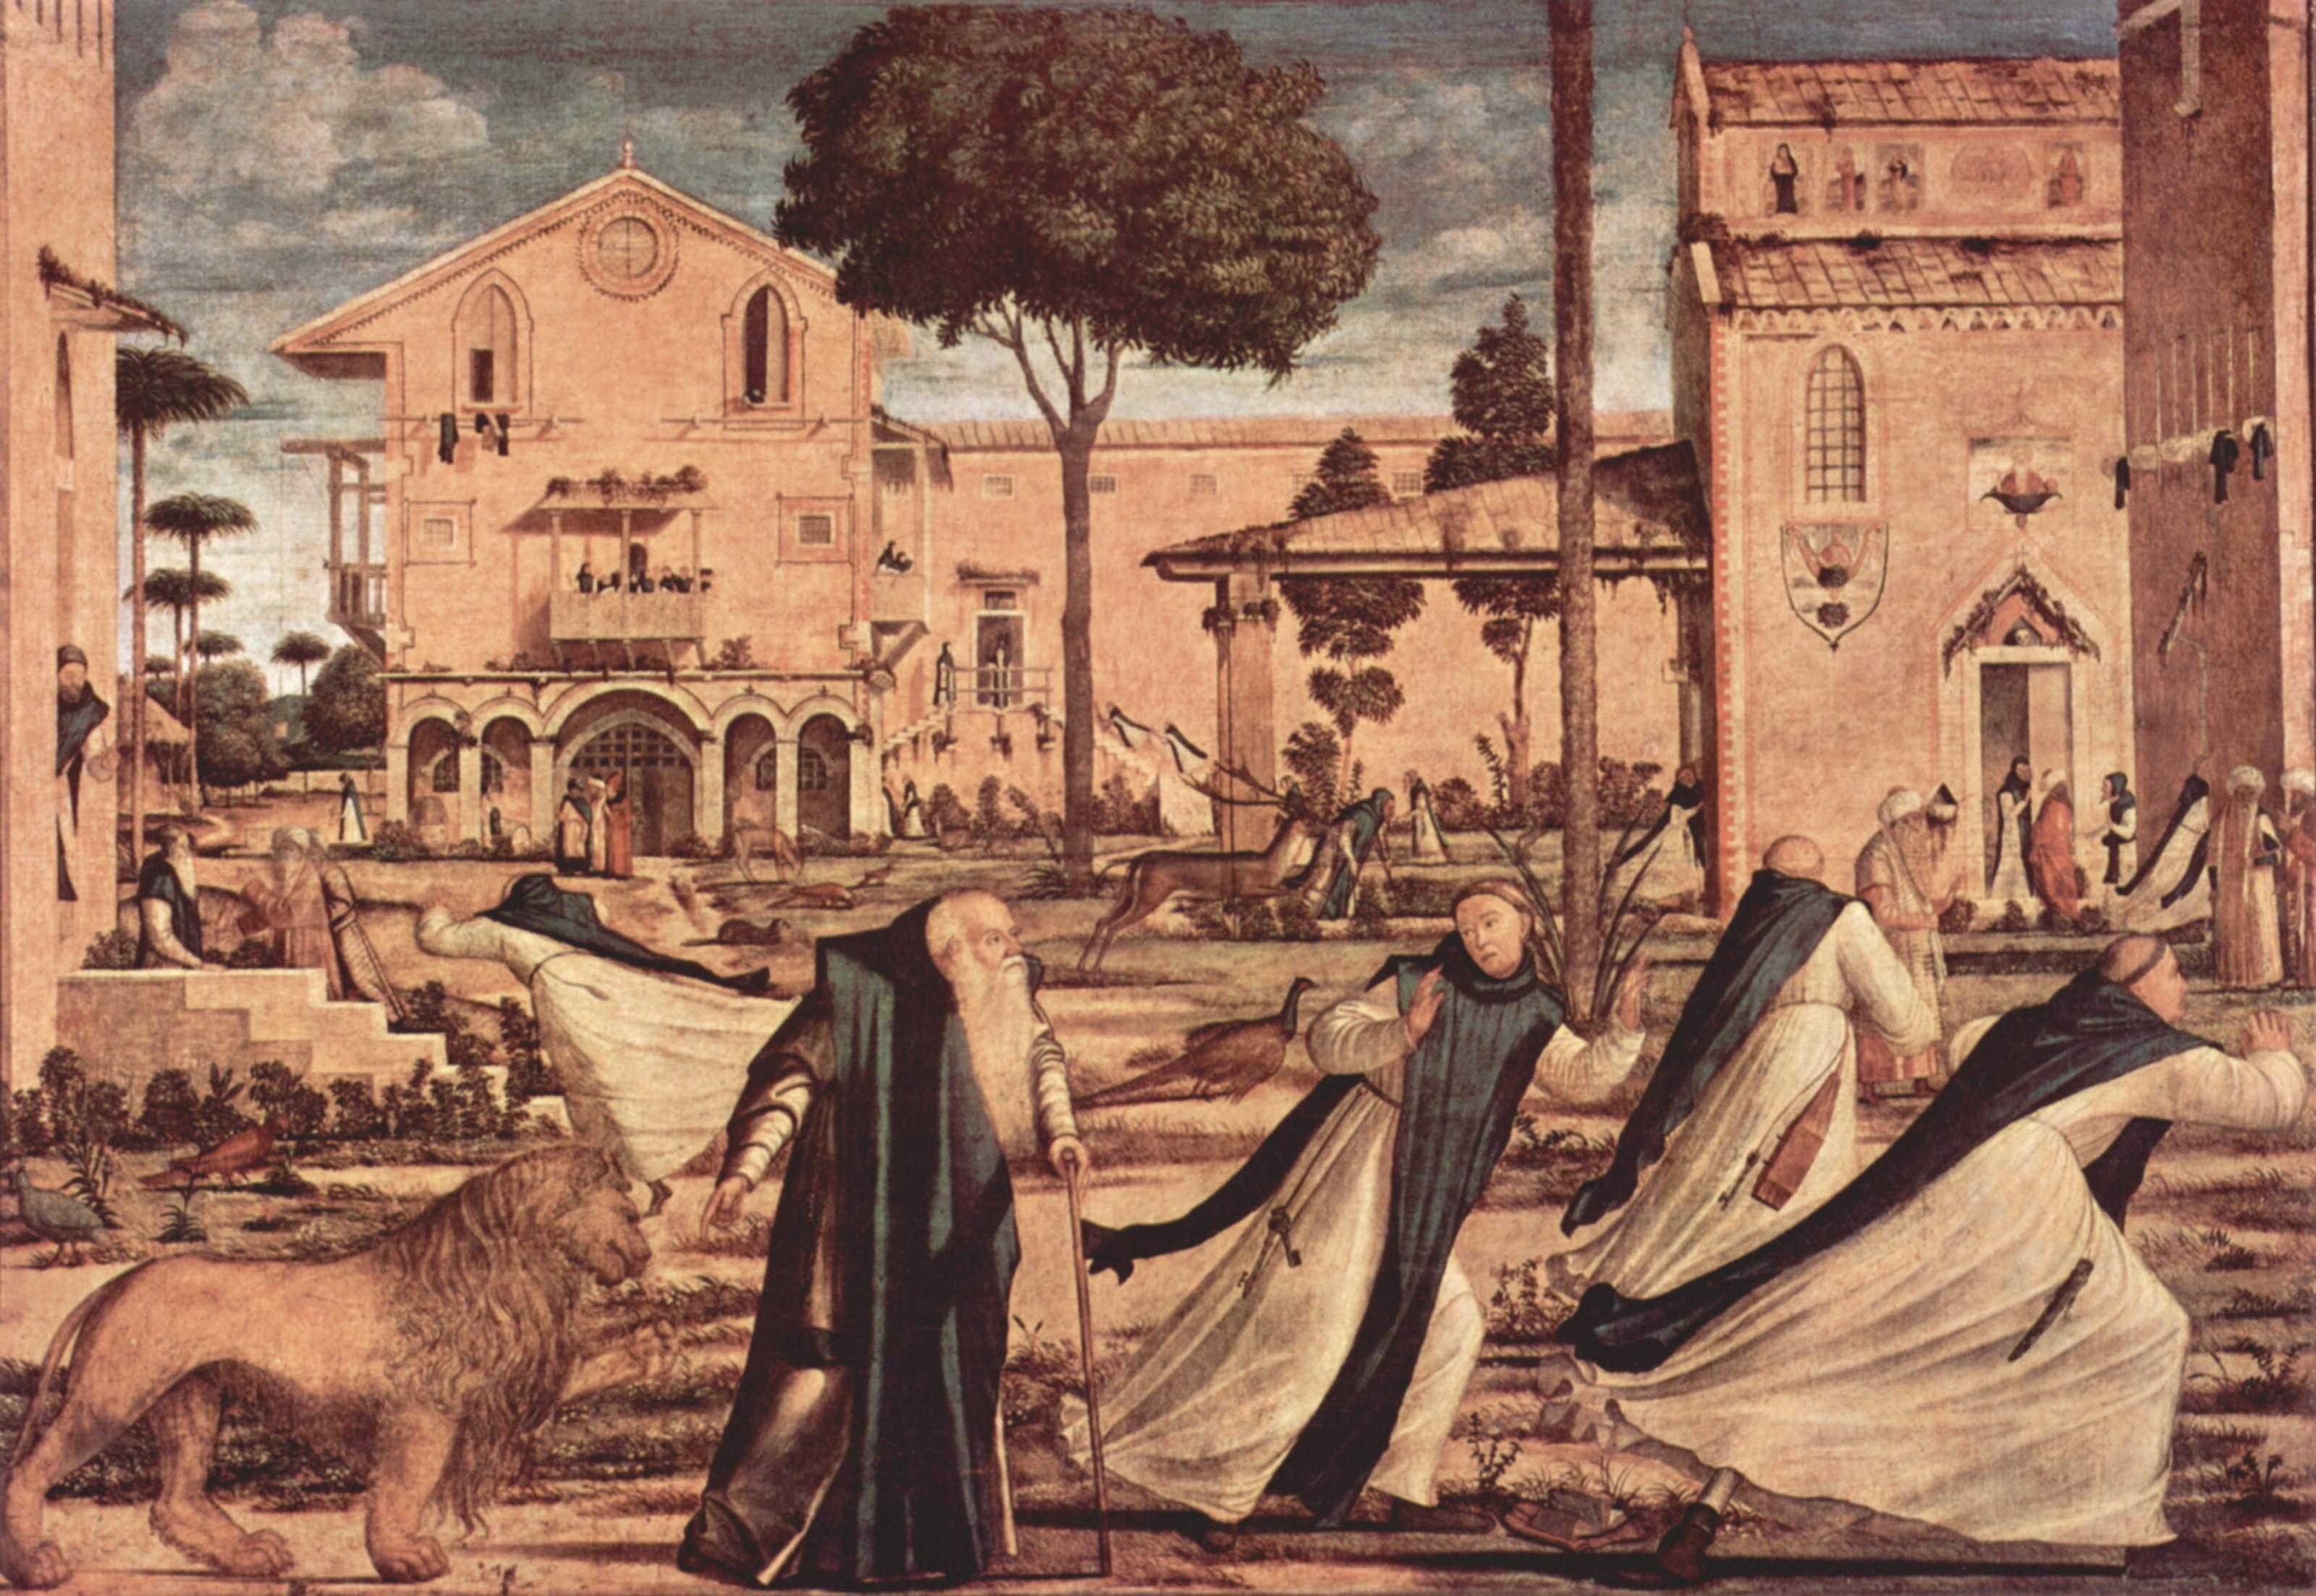 Цикл картин капеллы Скуола ди Сан Джорджио Скьявони, св. Иероним со львом в монастыре, Витторе Карпаччо